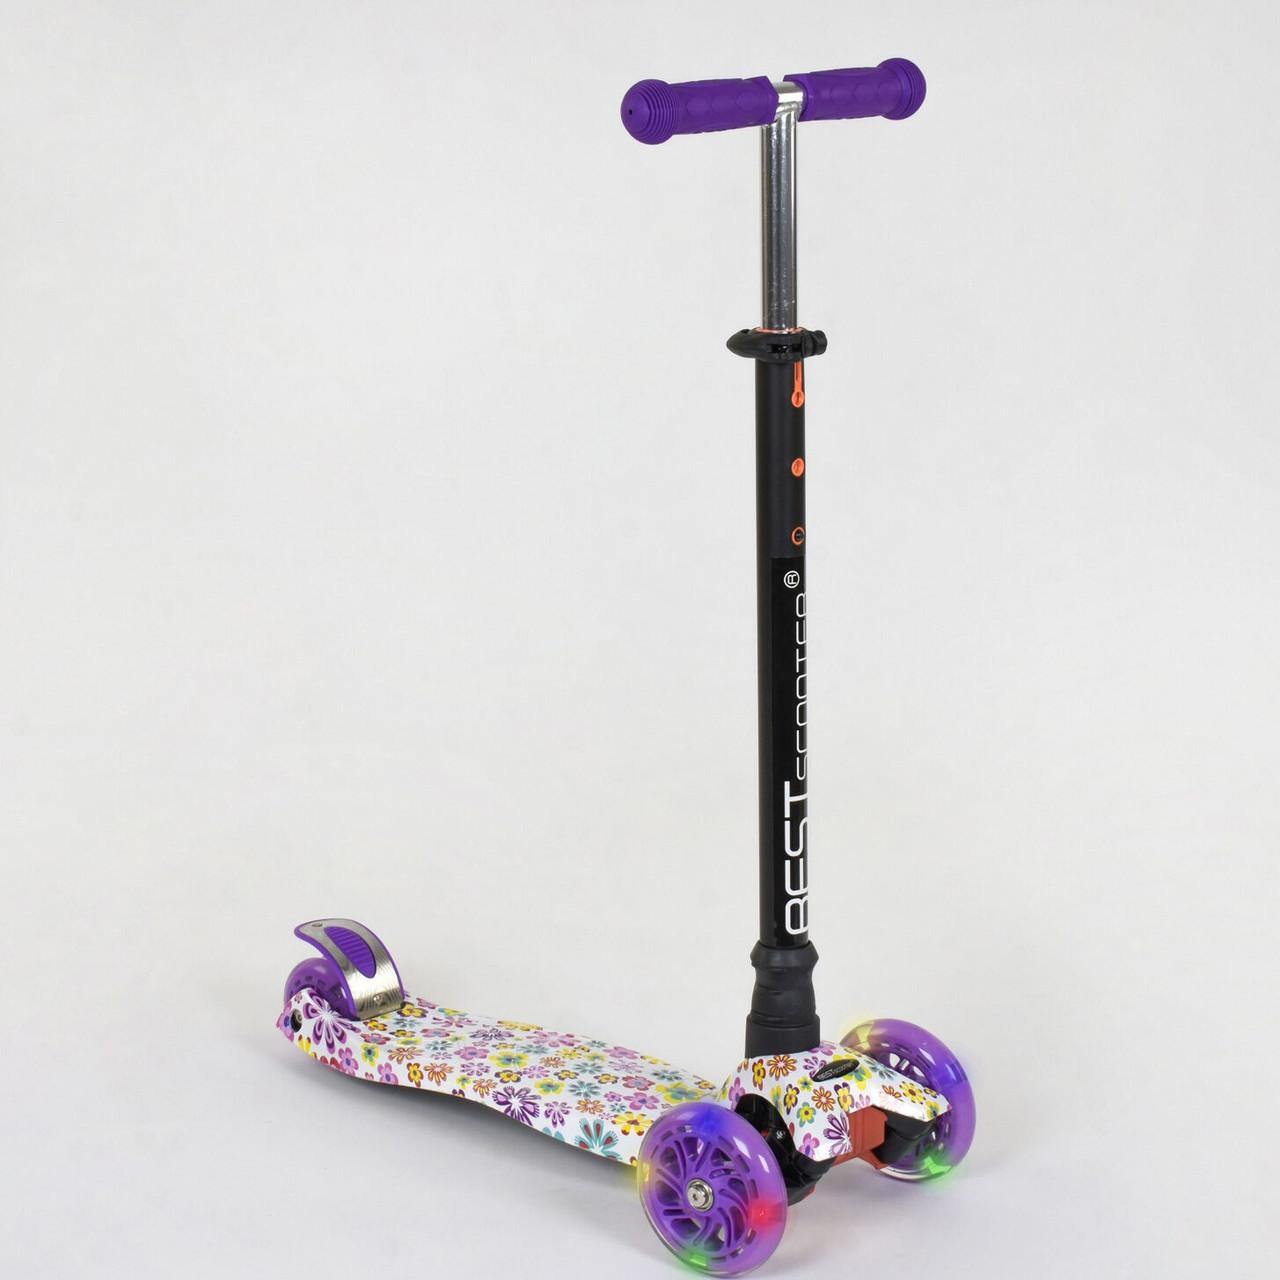 Самокат Best scooter MAXI граффити 1326